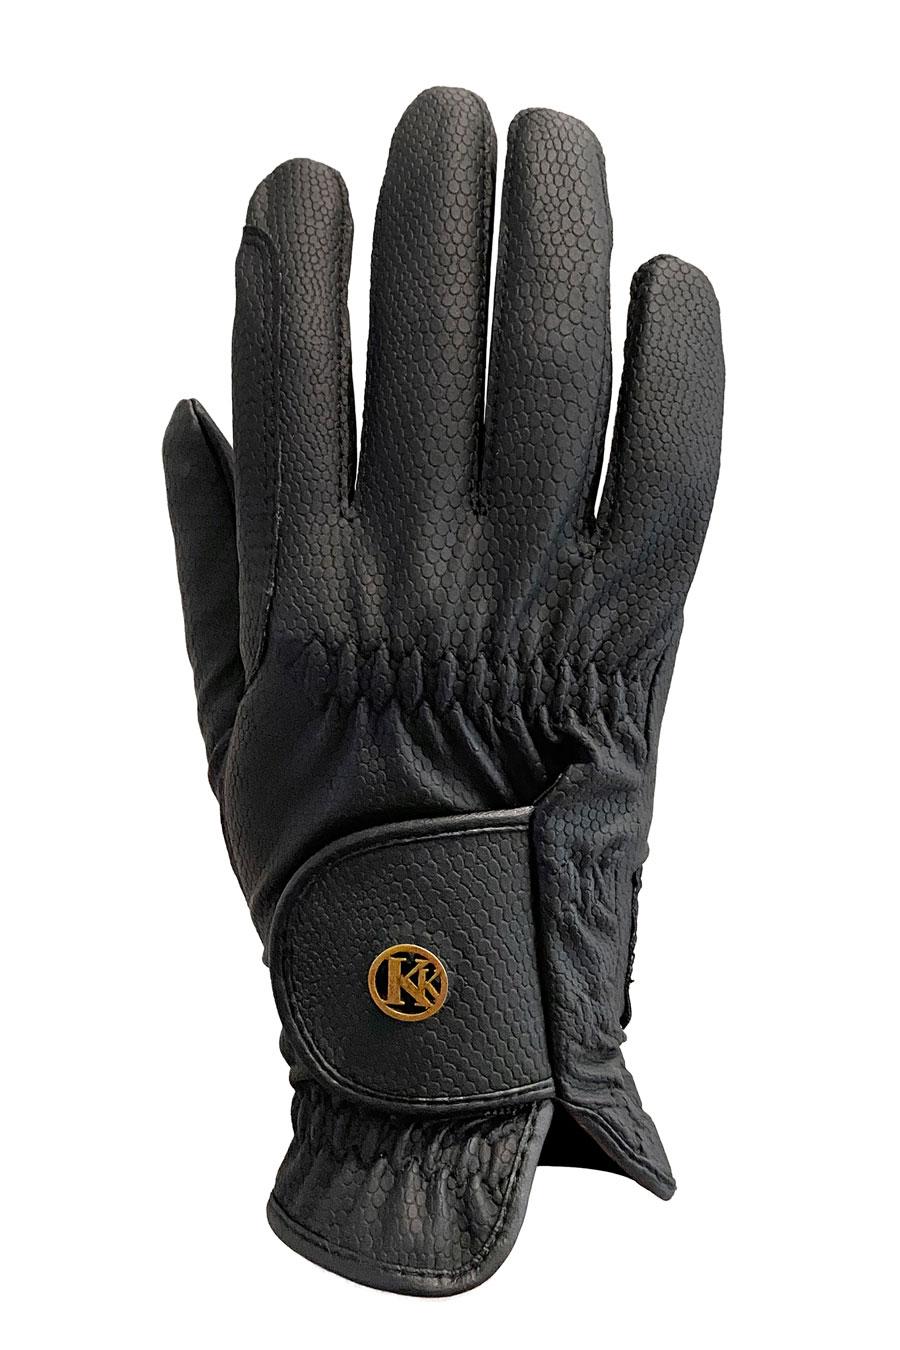 Kunkle Glove Back